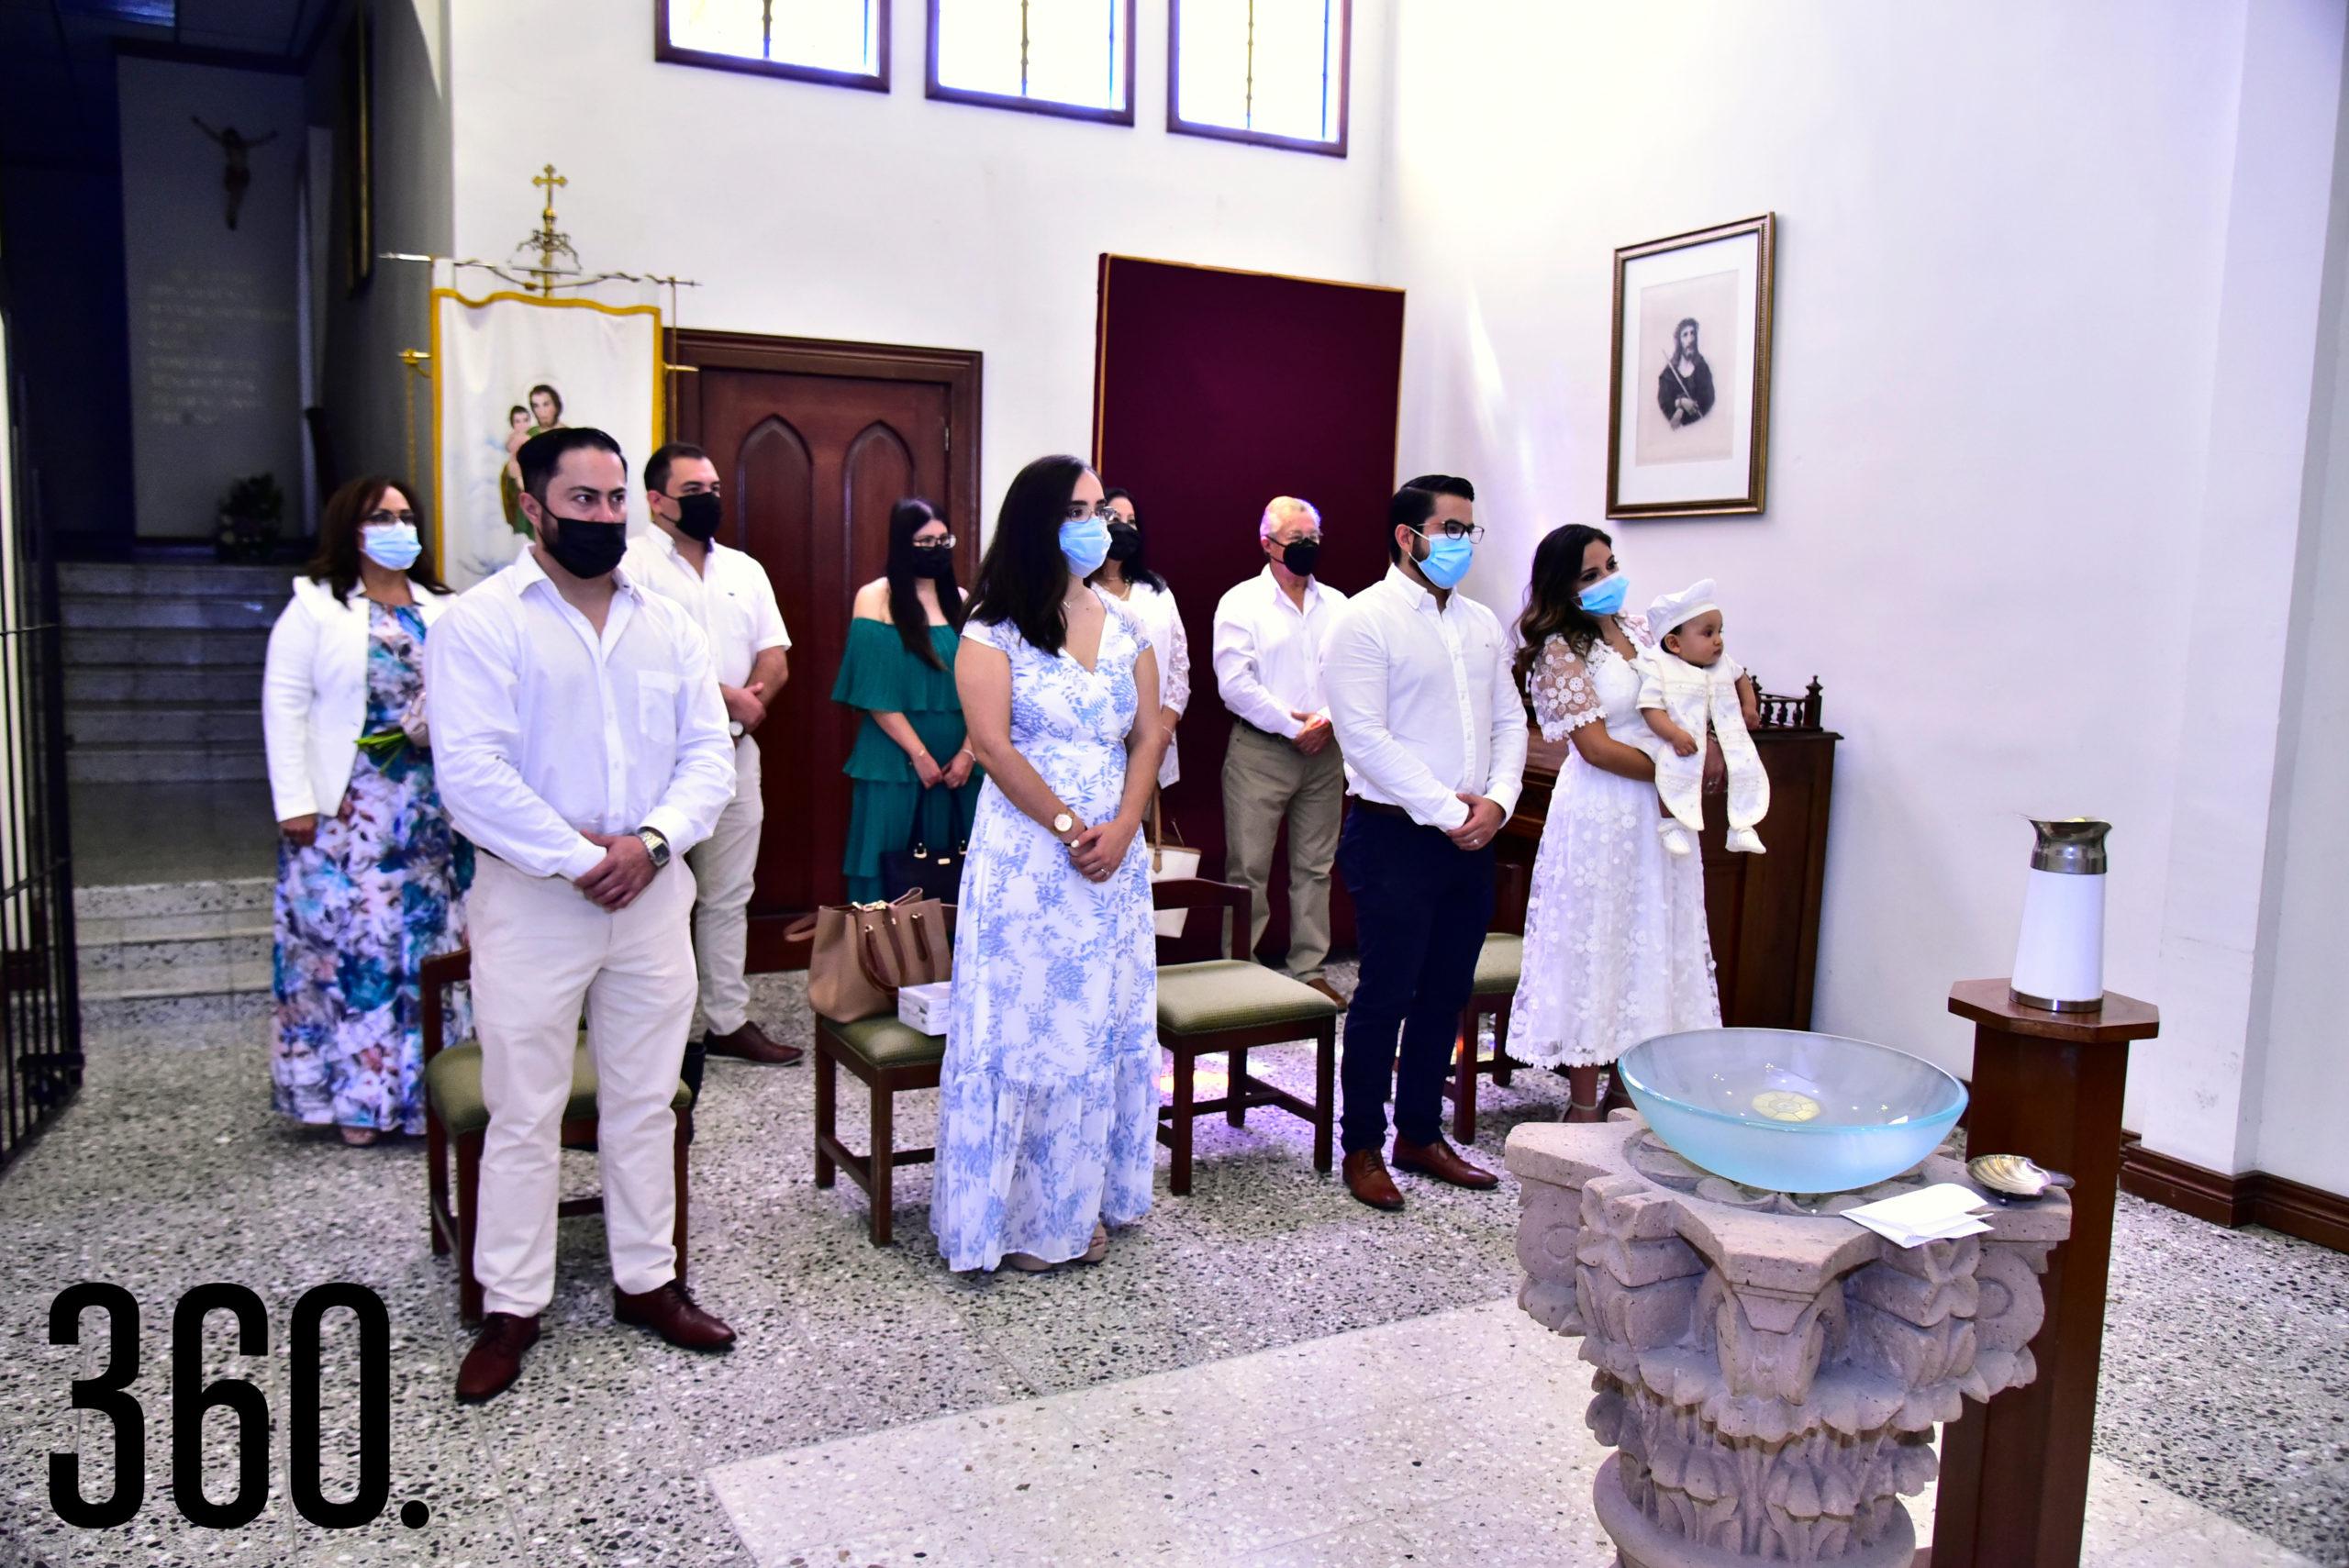 Durante la ceremonia religiosa.